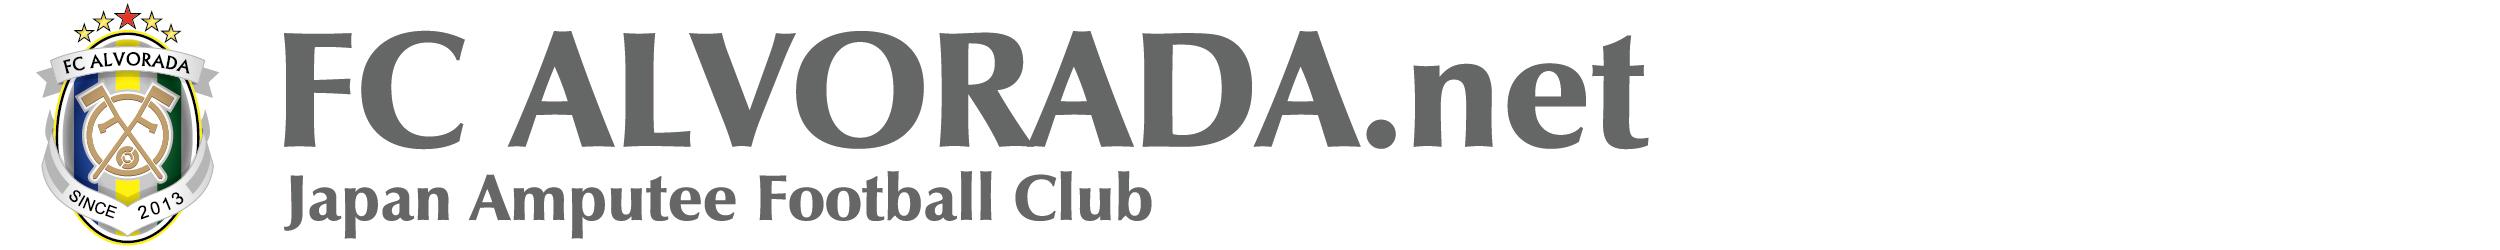 アンプティサッカークラブ FC ALVORADA.net